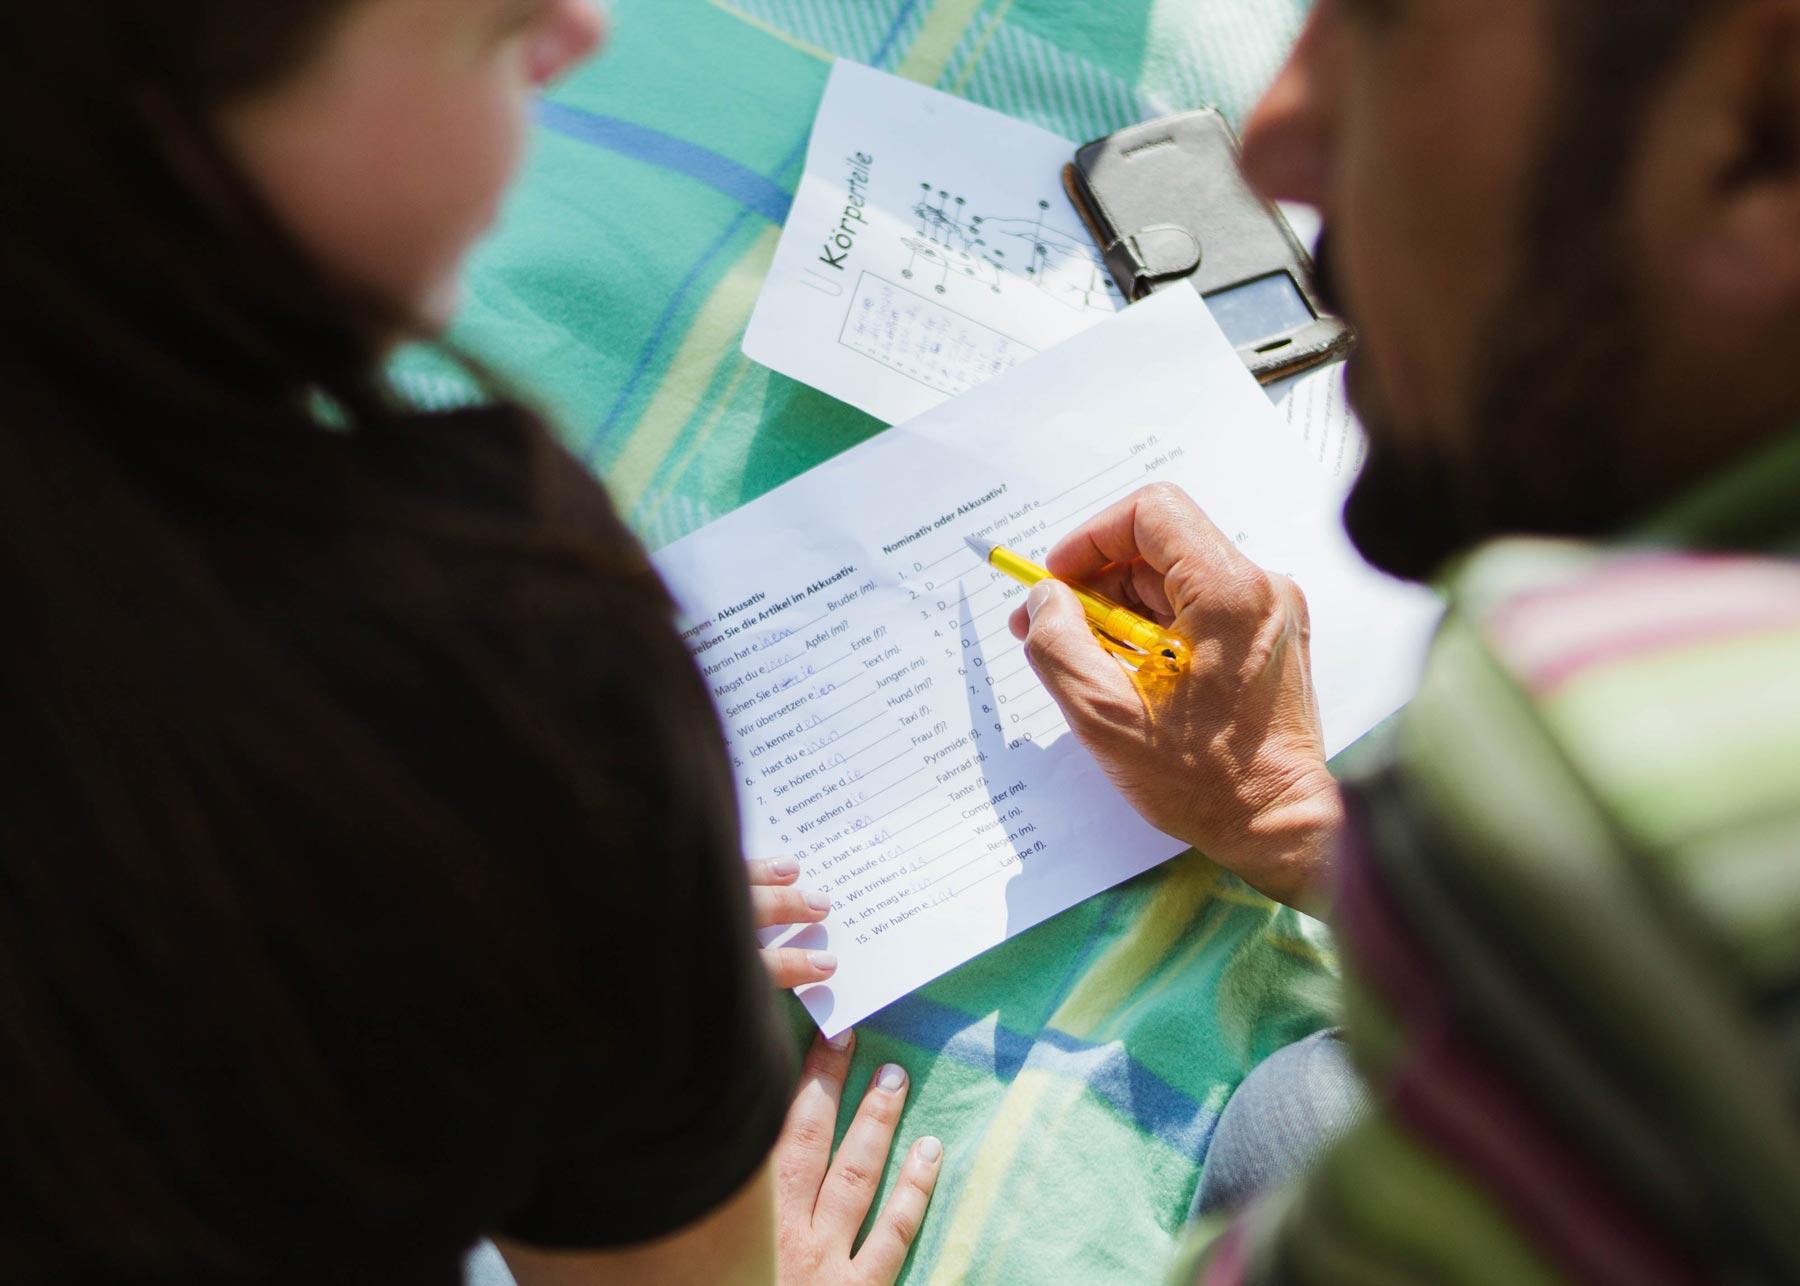 La evaluación formativa ayudará a conocer mejor los ritmos de aprendizaje de cada estudiante.